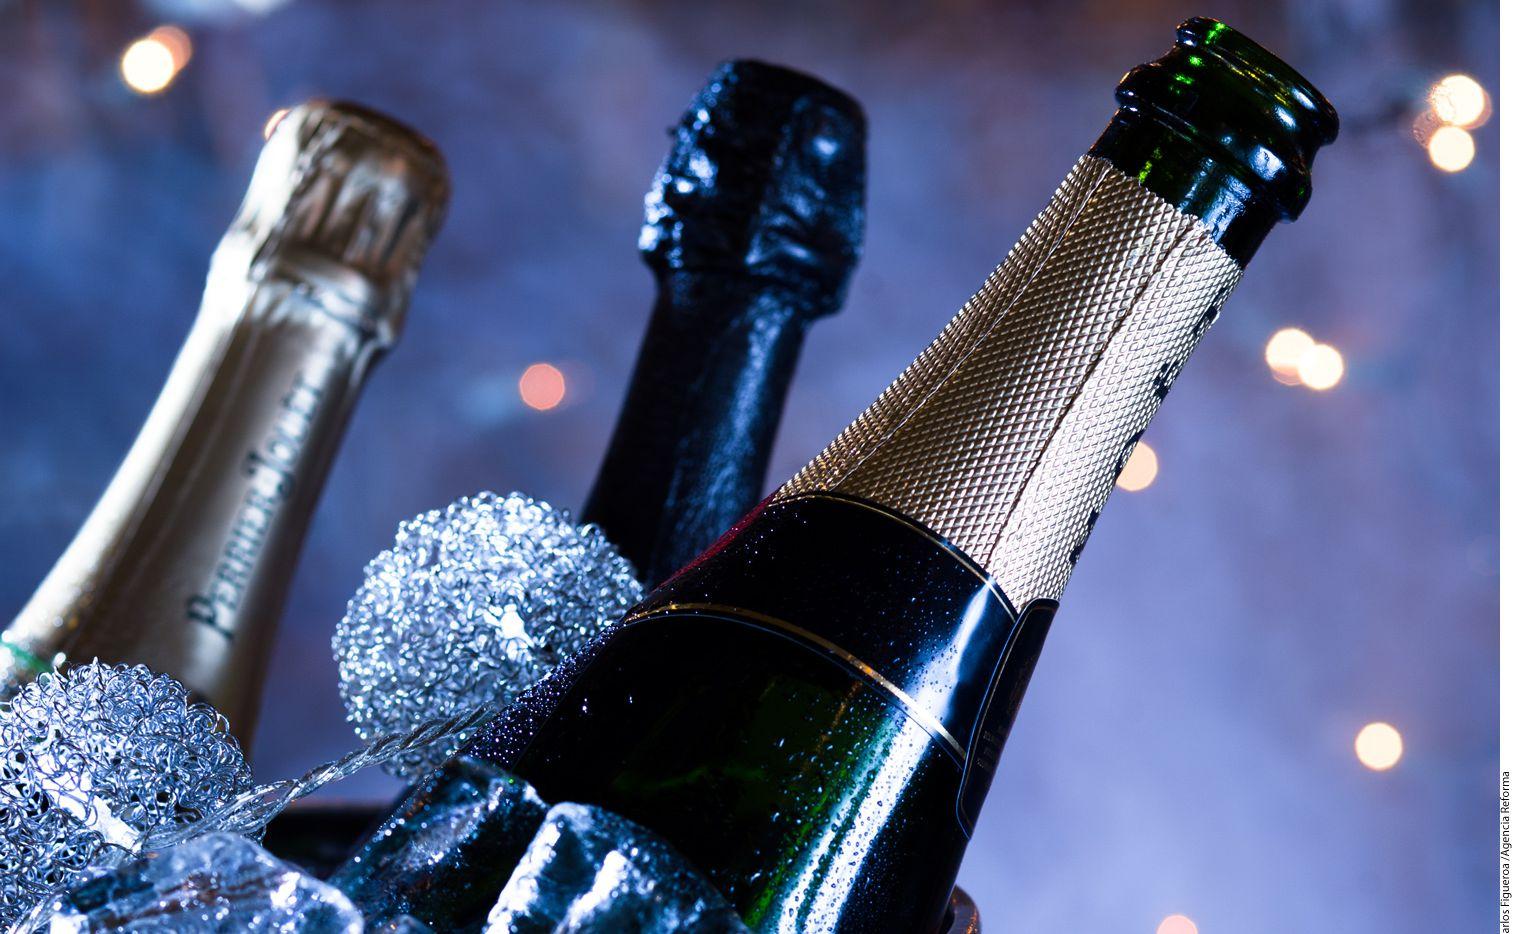 Se conoce como champaña a los vinos espumosos elaborados en la región de Champagne, en Francia. Hay varios estilos clasificados por color, por año de elaboración -millesimé y non vintage- y por nivel de dulzor./ AGENCIA REFORMA